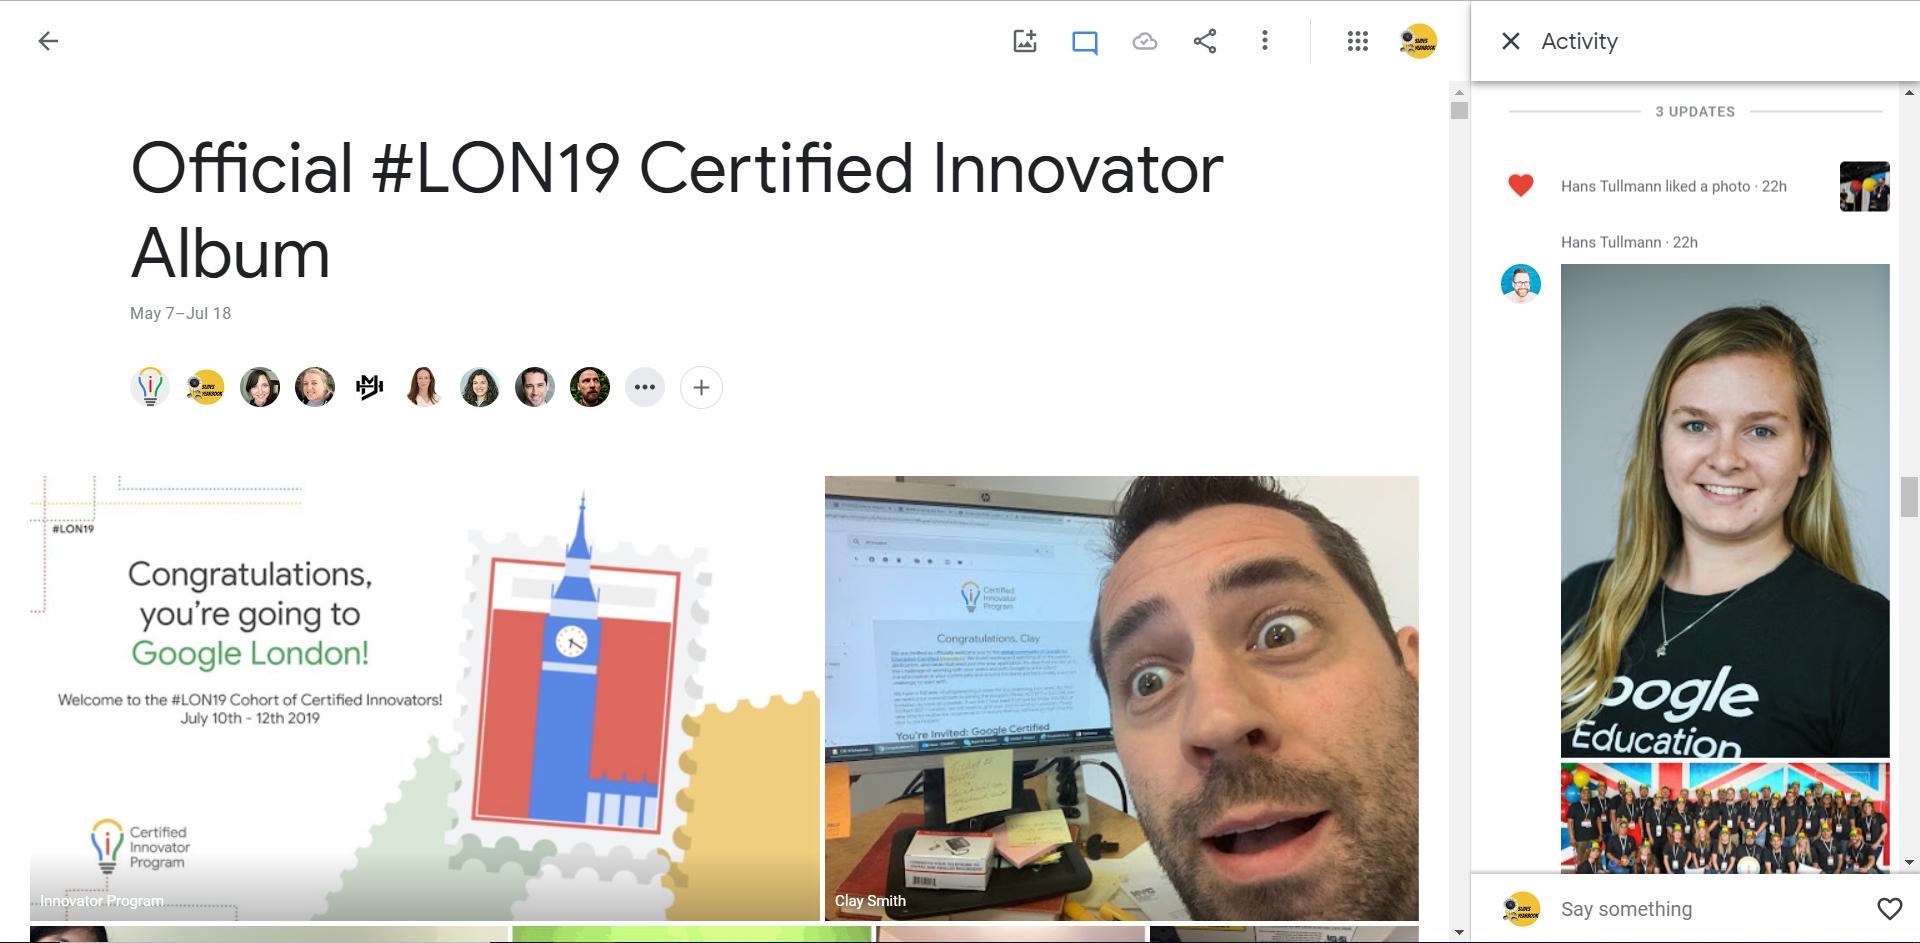 Official Lon19 Google Photos Album